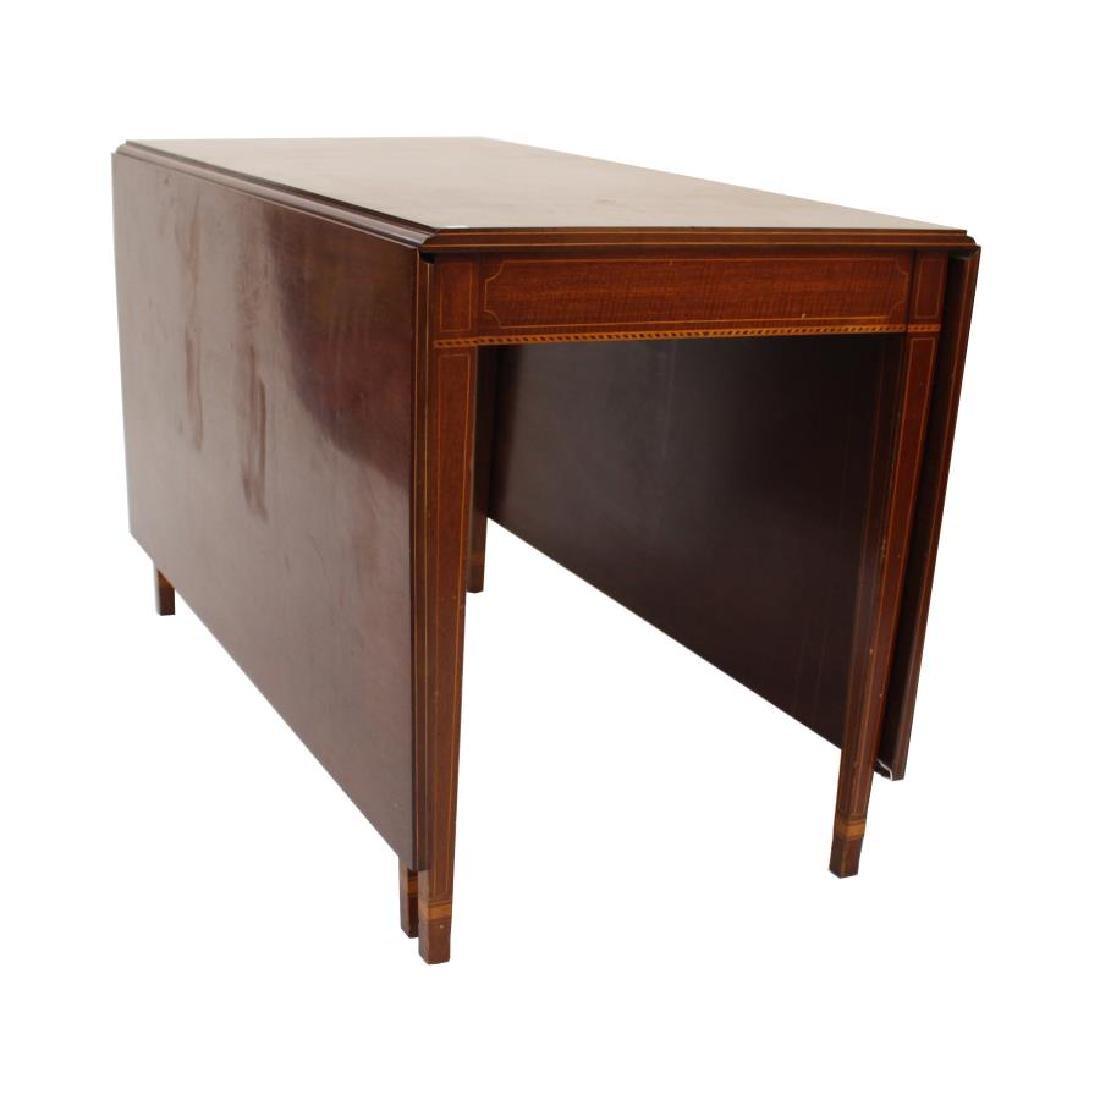 Biggs Furniture Vintage Drop-Leaf Dining Table